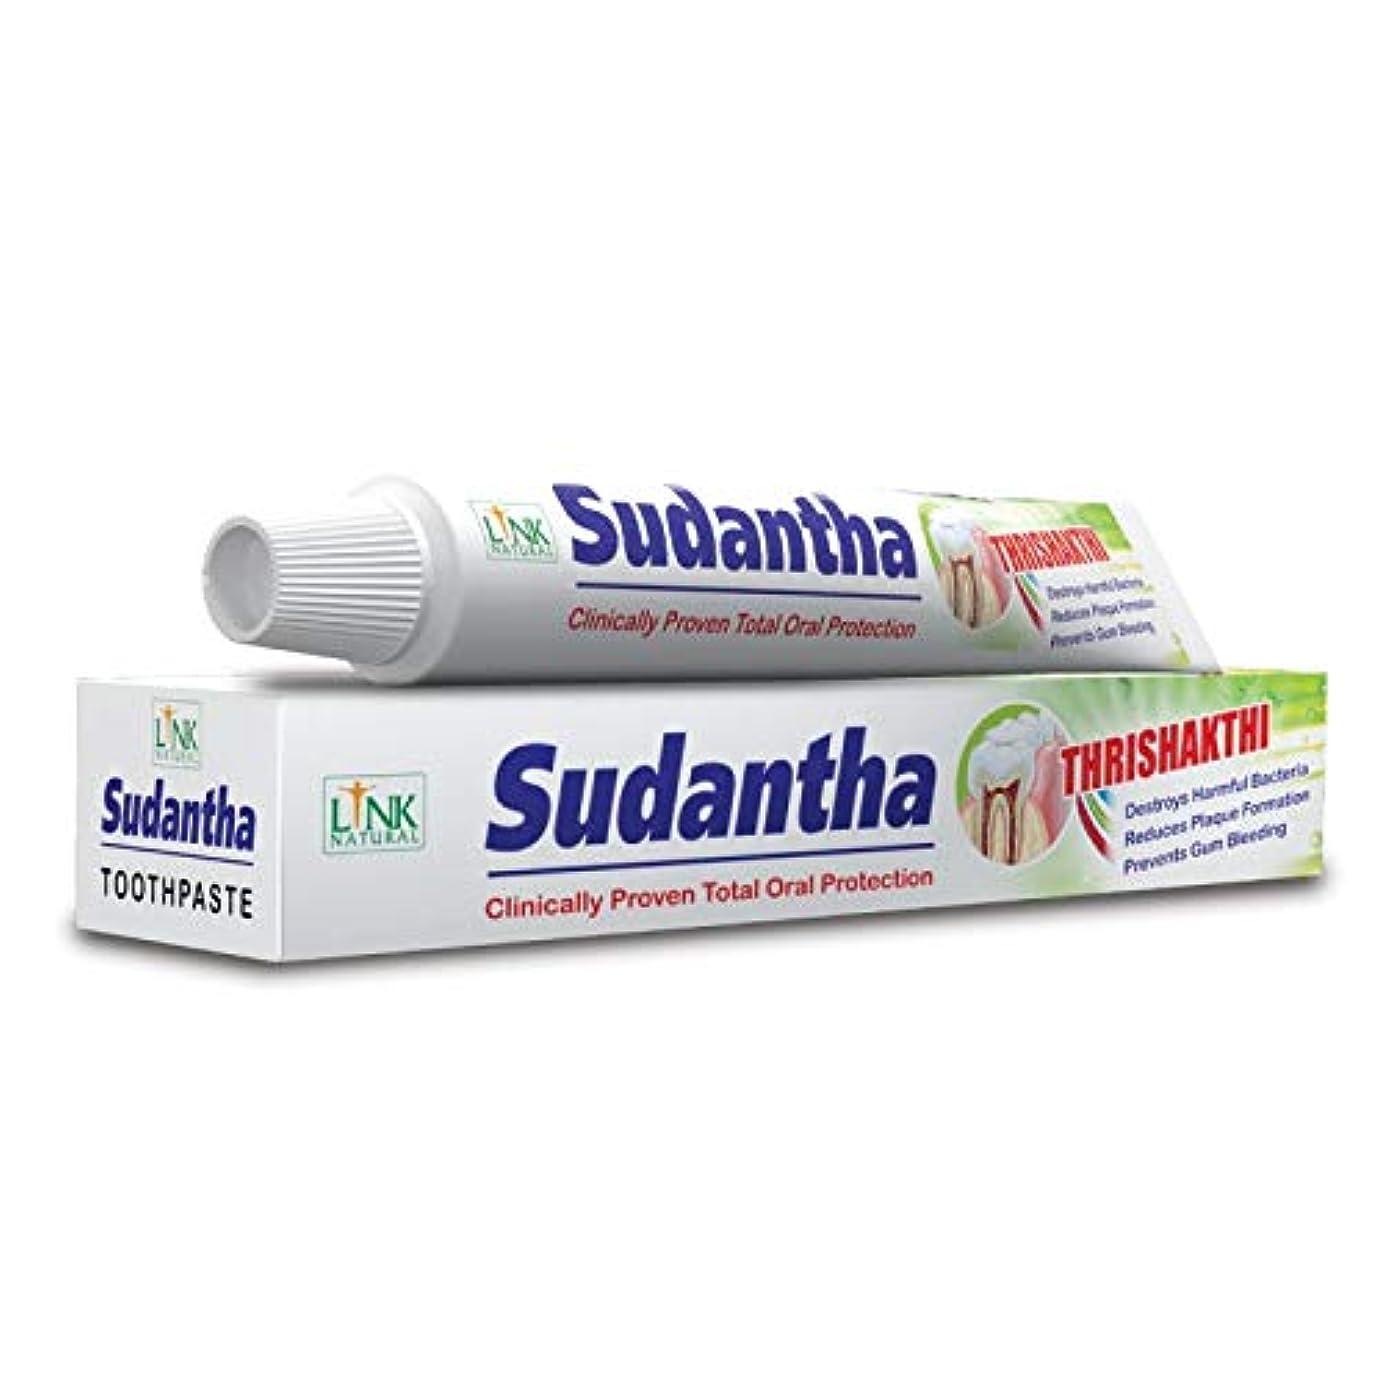 虹モザイク共役2 x 80 g リンクSudanthaホメオパシーHerbal Toothpaste for合計Oral保護